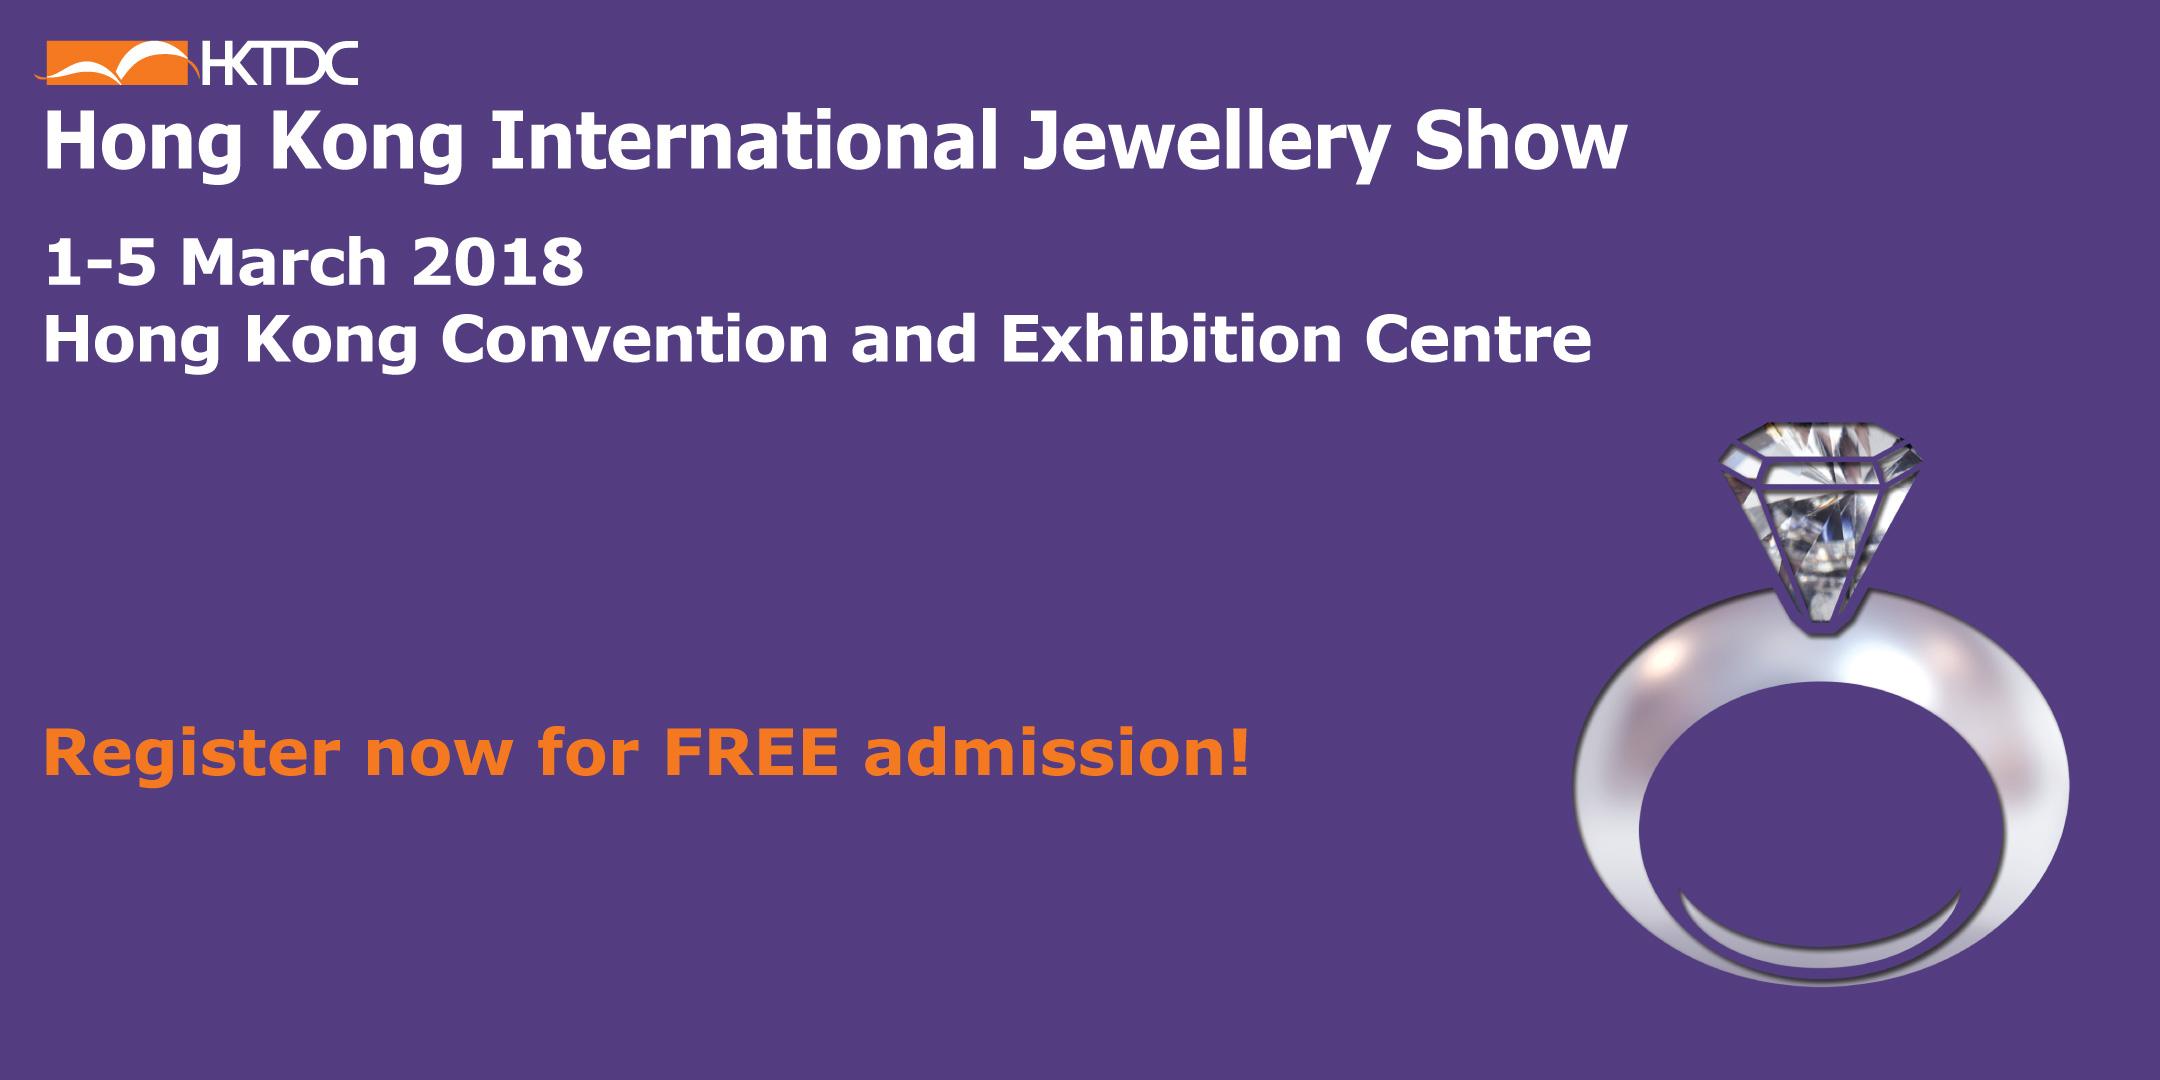 HKTDC Hong Kong International Jewellery Show, Hong Kong Convention and Exhibition Centre, Hong Kong, Hong Kong